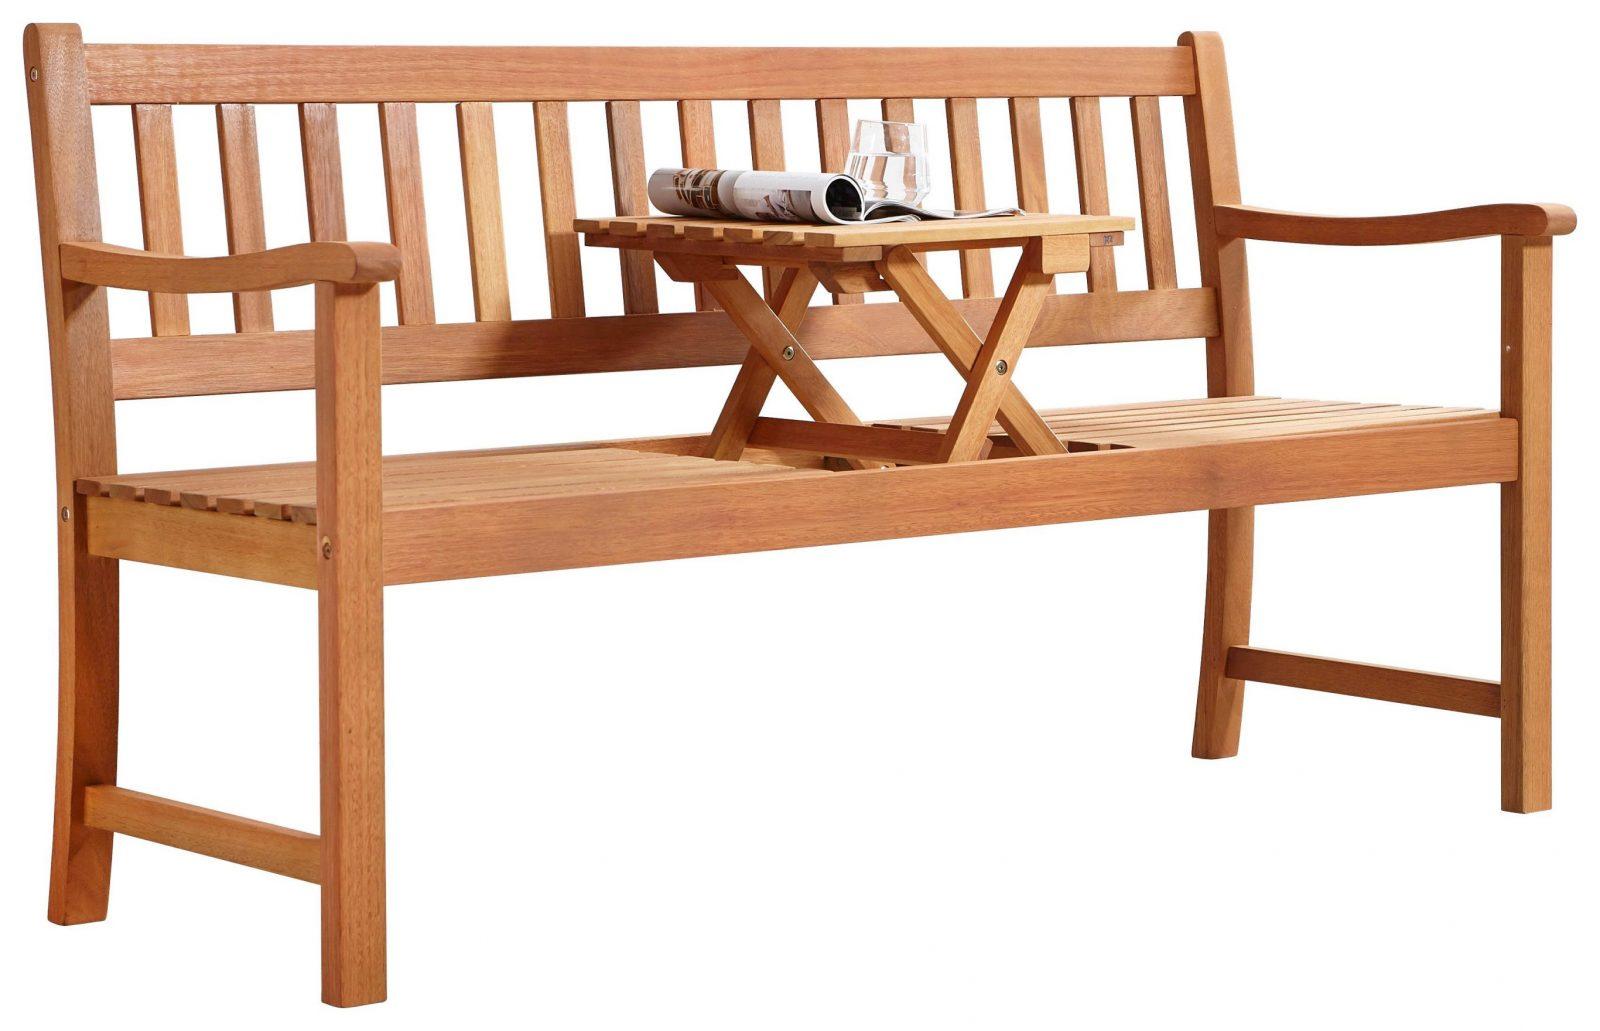 Gartenbank Aus Eukalyptus Massiv Mit Tisch Kaufen von Holzbank Mit Integriertem Tisch Bild